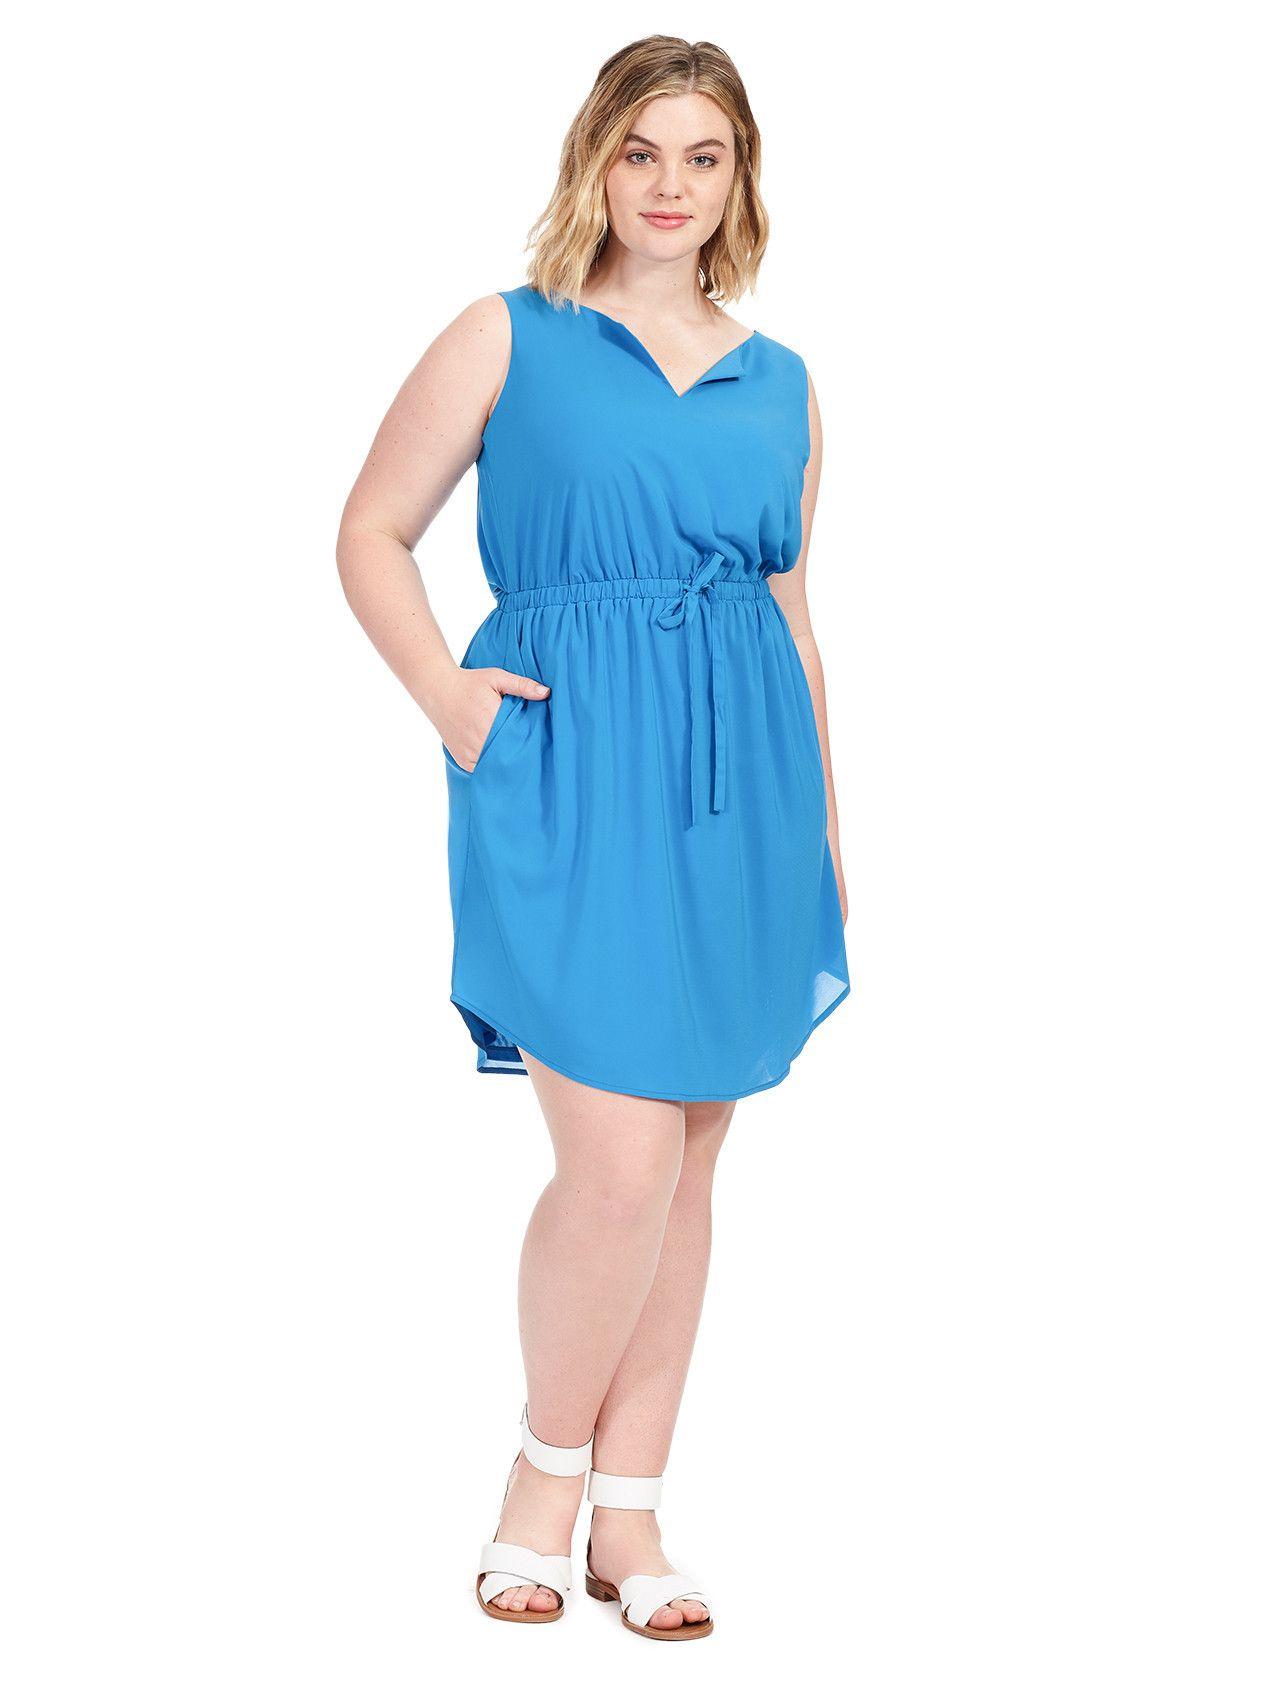 Isabel alice bree dress in blue grott gwynnie bee gwynnie